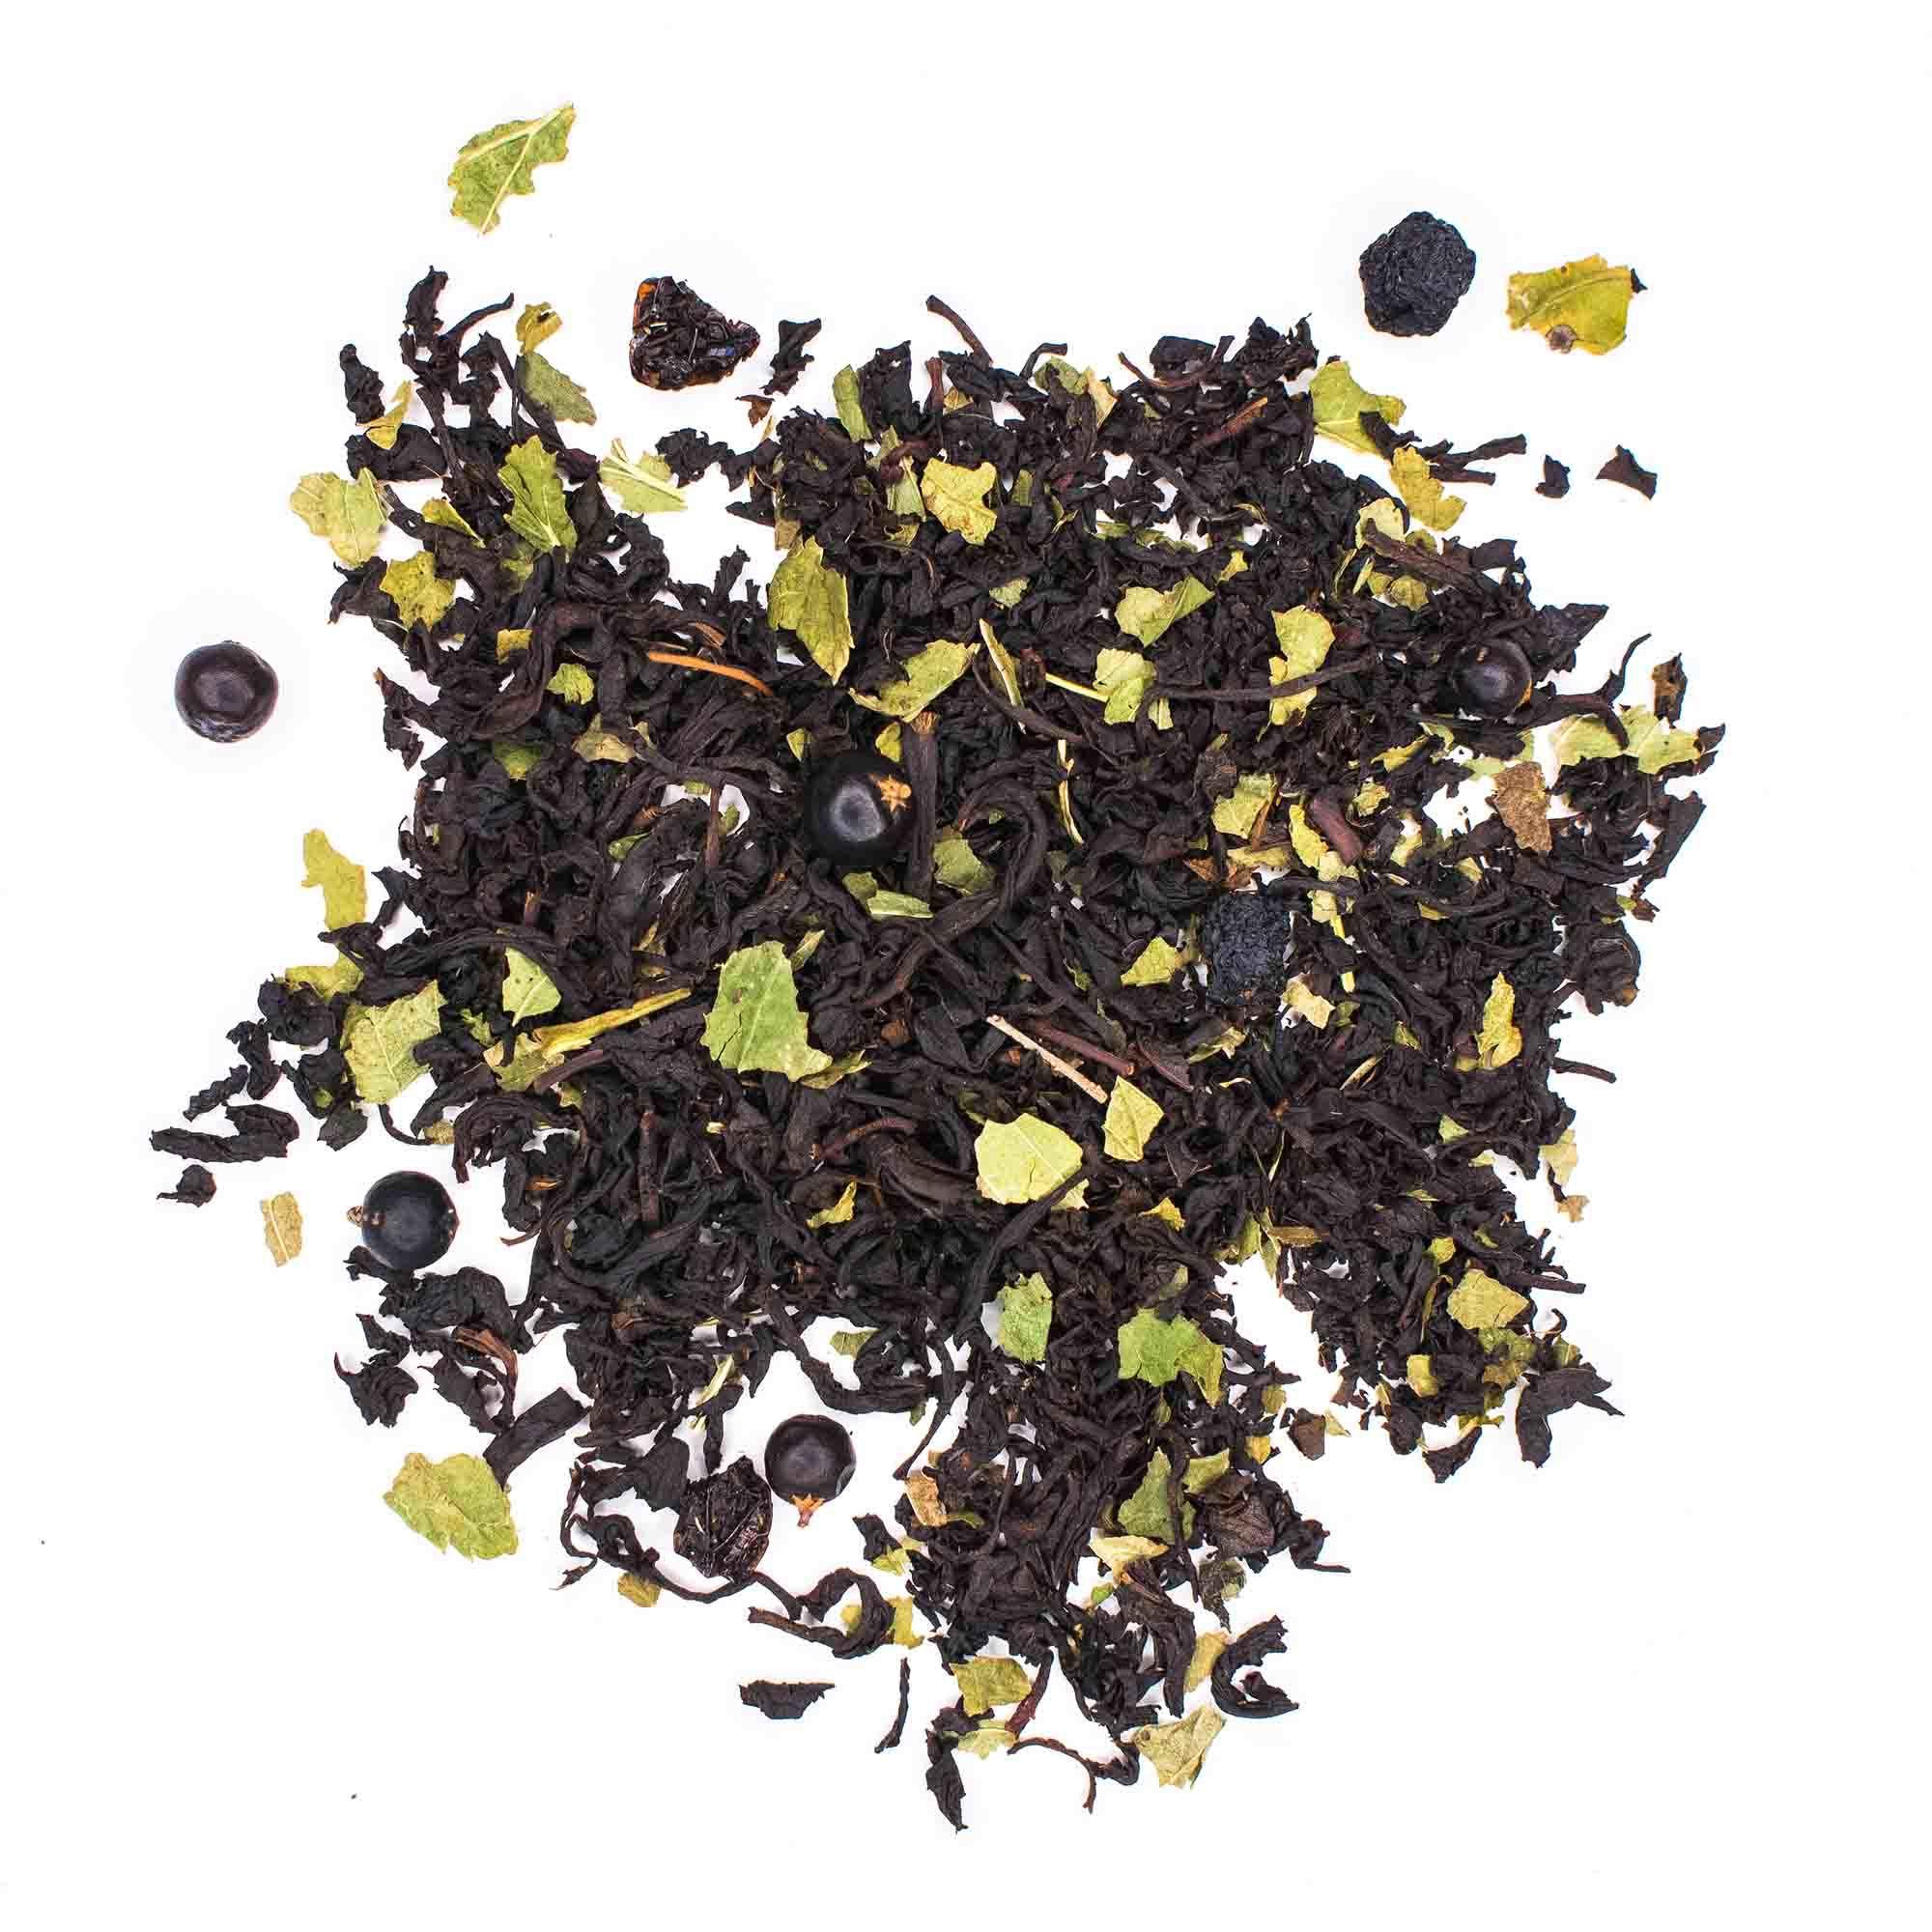 """Черный чай """"Чай черная смородина с рябиной"""" 100гр, черный чай с добавками chaychernuismorodinairyabina-teastar.jpg.jpg"""